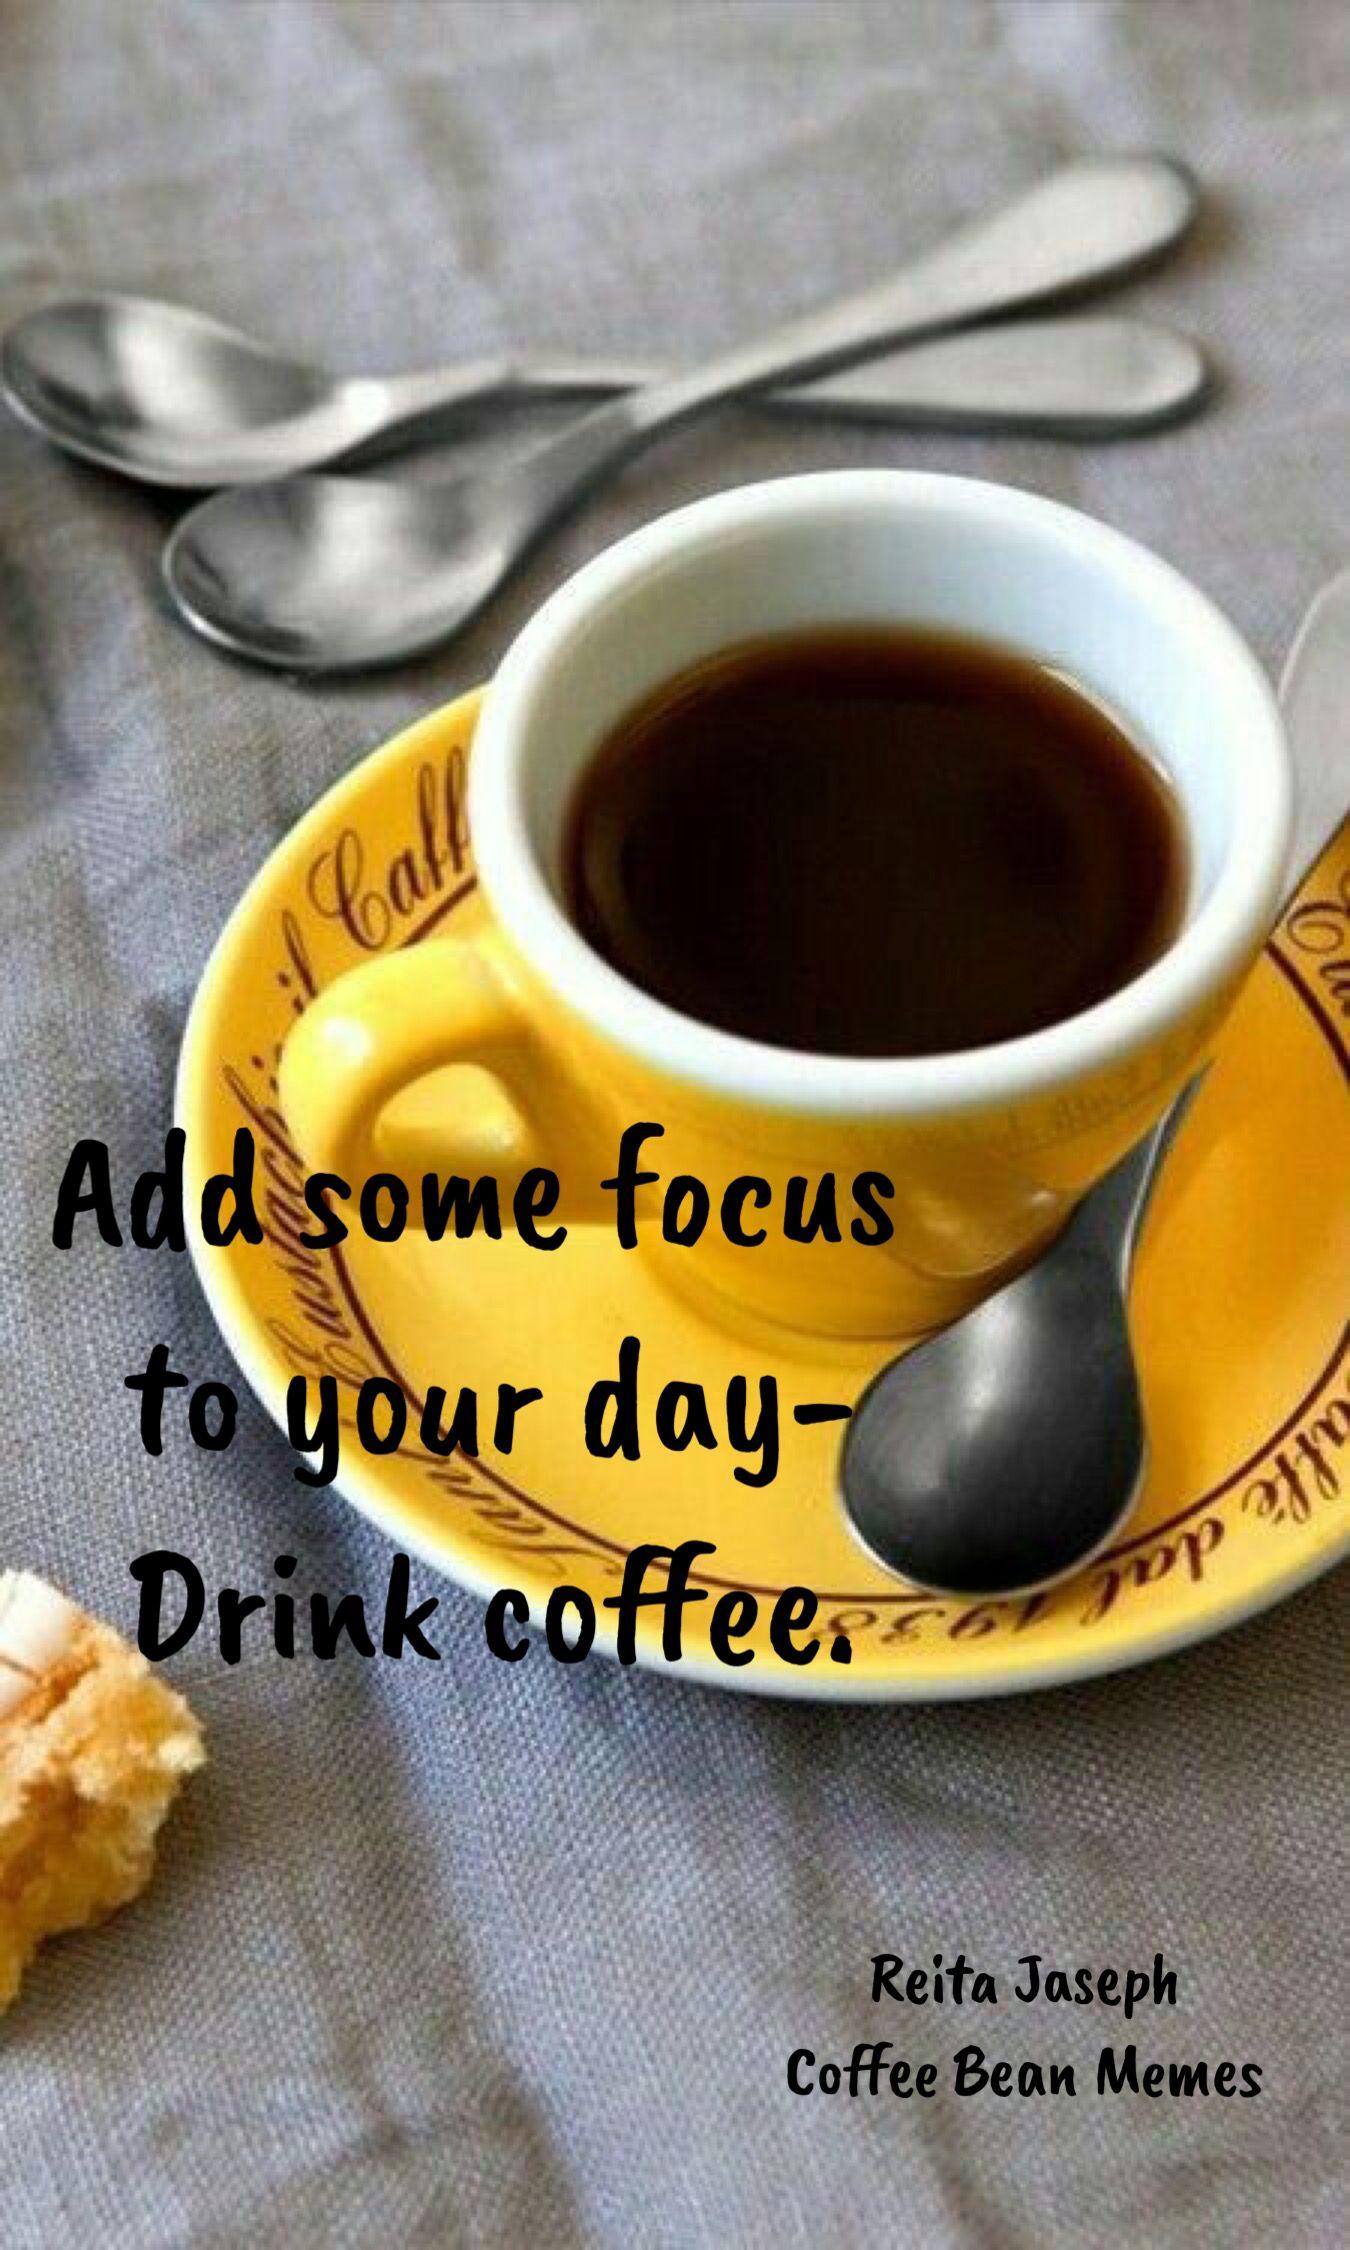 coffee #coffeequotes #coffeehumor #coffeebeanmemes | Coffee Bean ... #coffeeBean